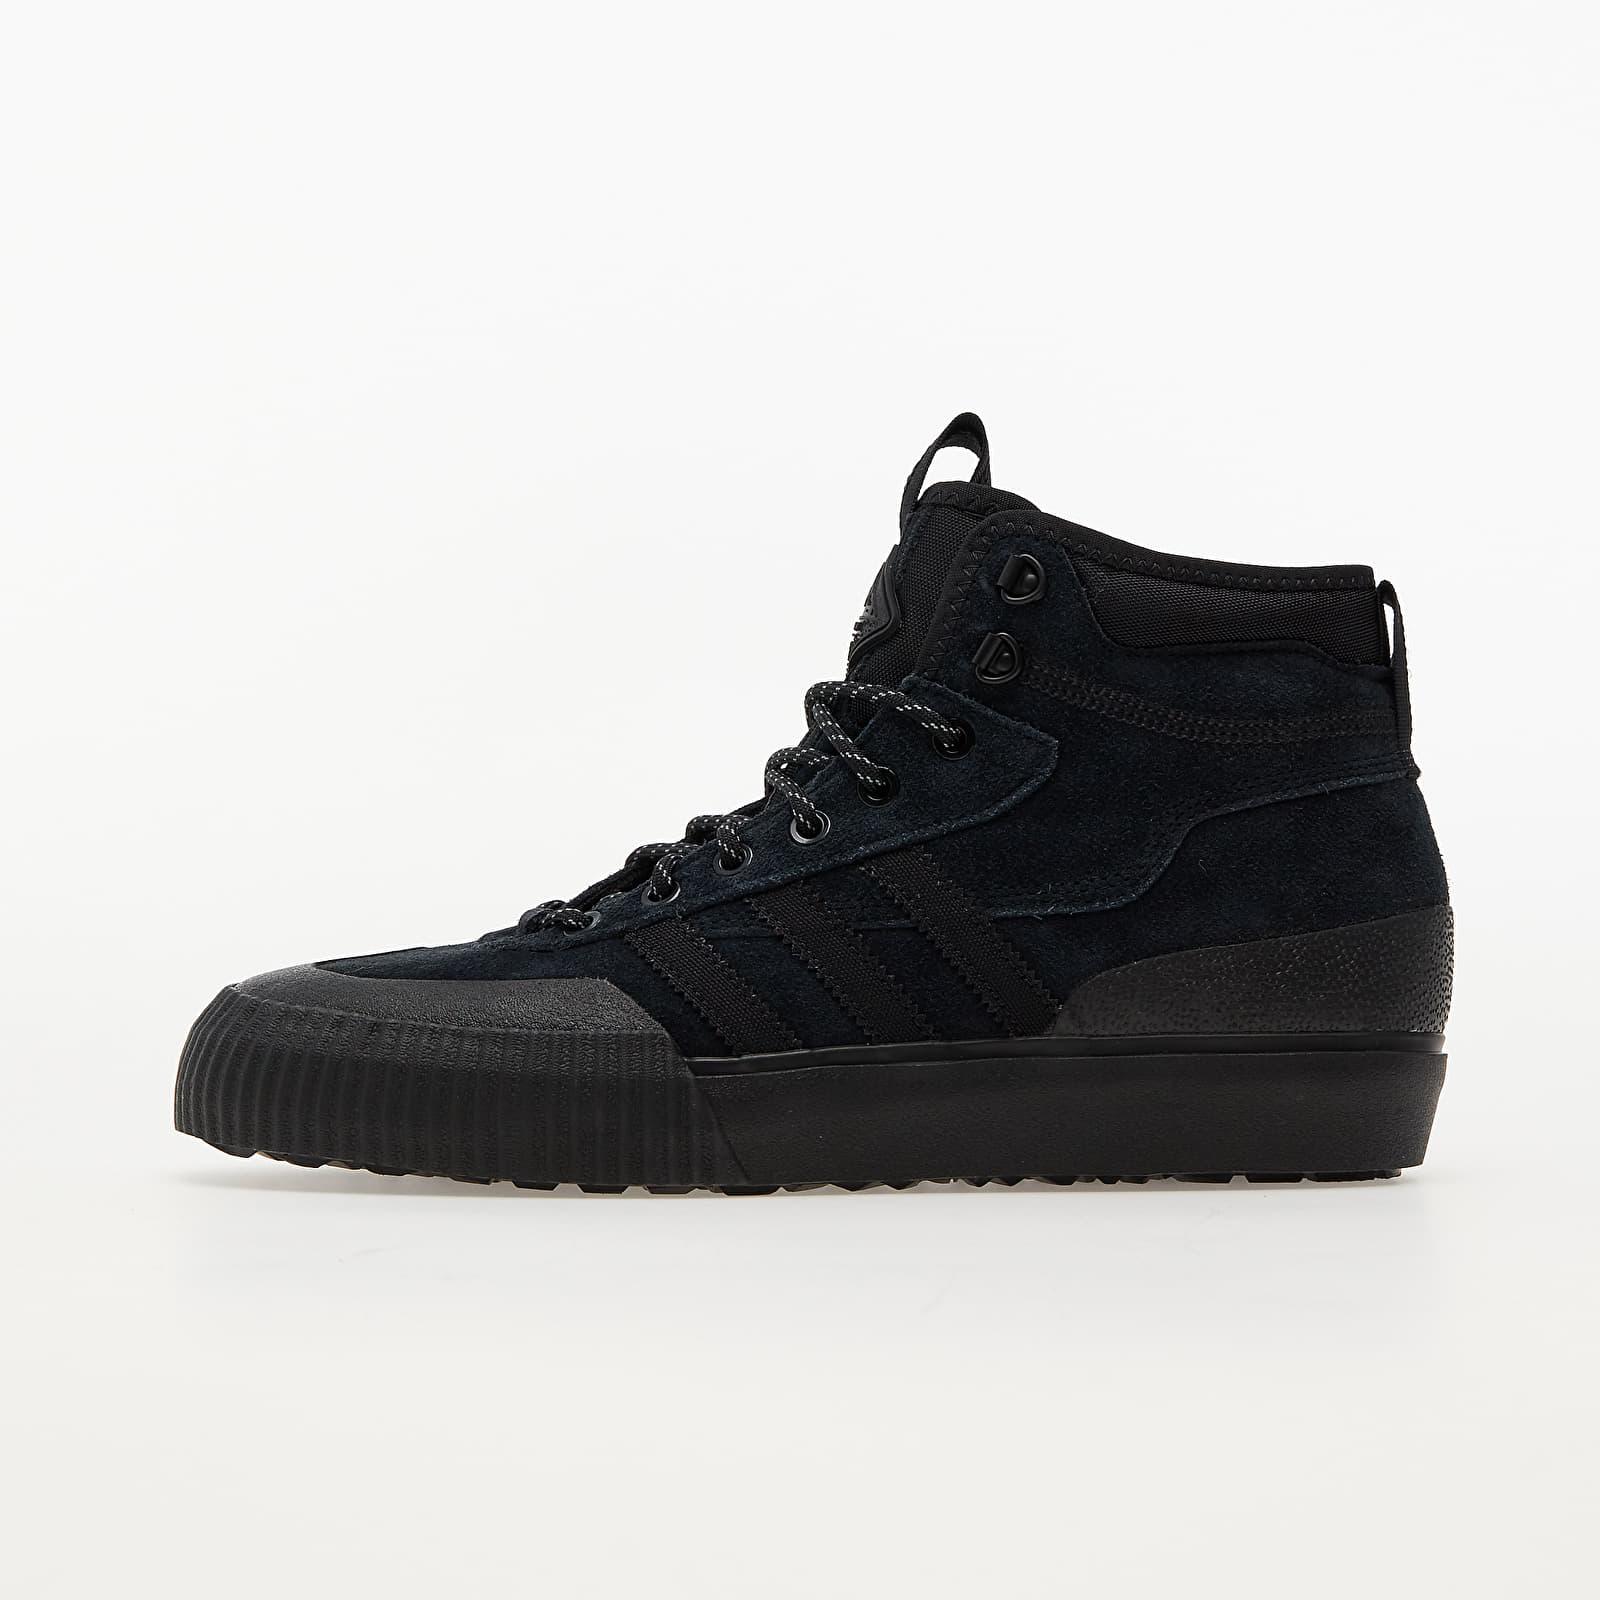 Levně adidas Akando Atr Core Black/ Dg Solid Grey/ Core Black